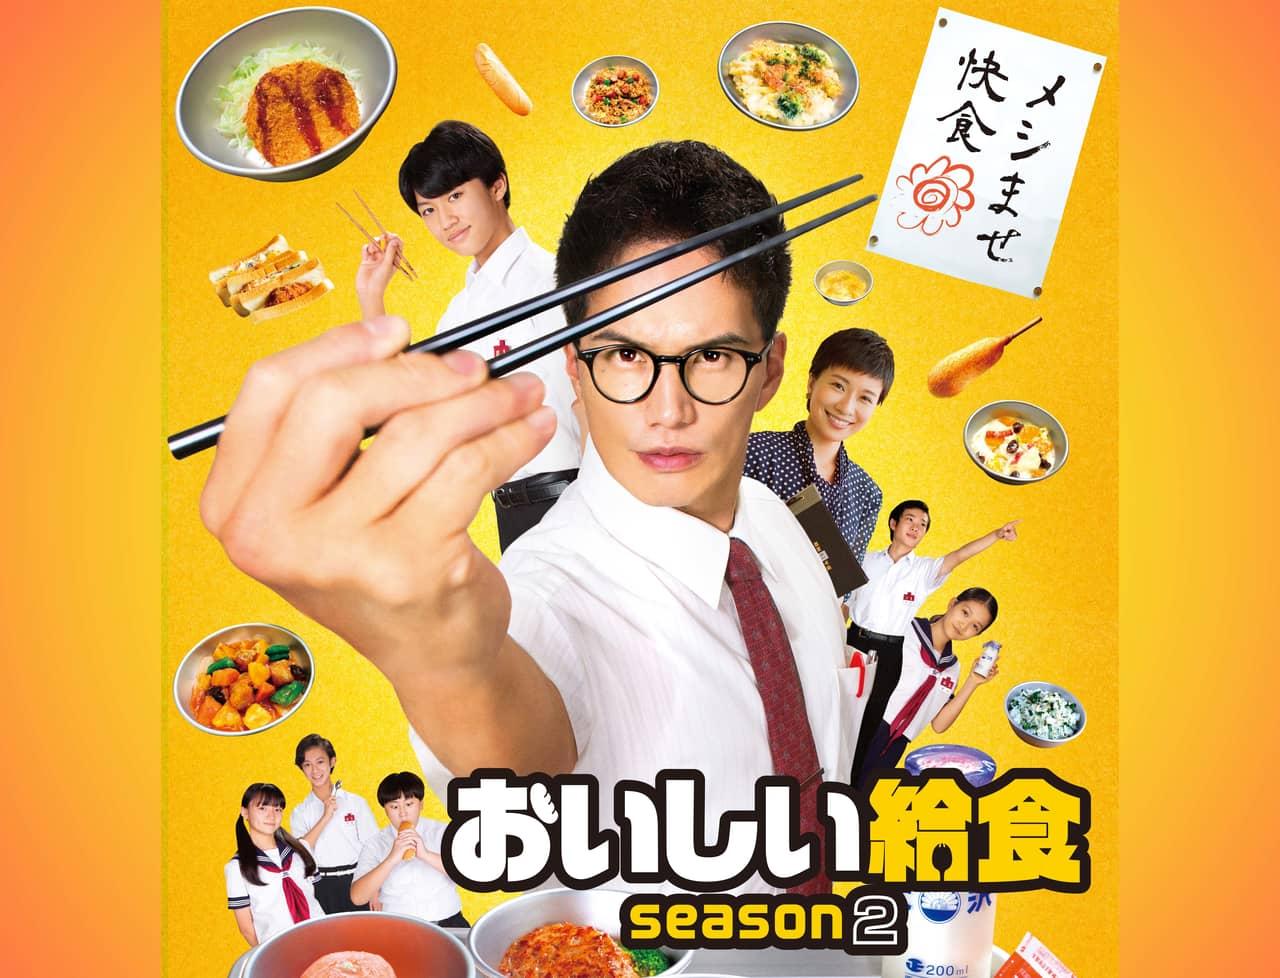 ドラマ「おいしい給食 season2」のメインビジュアル